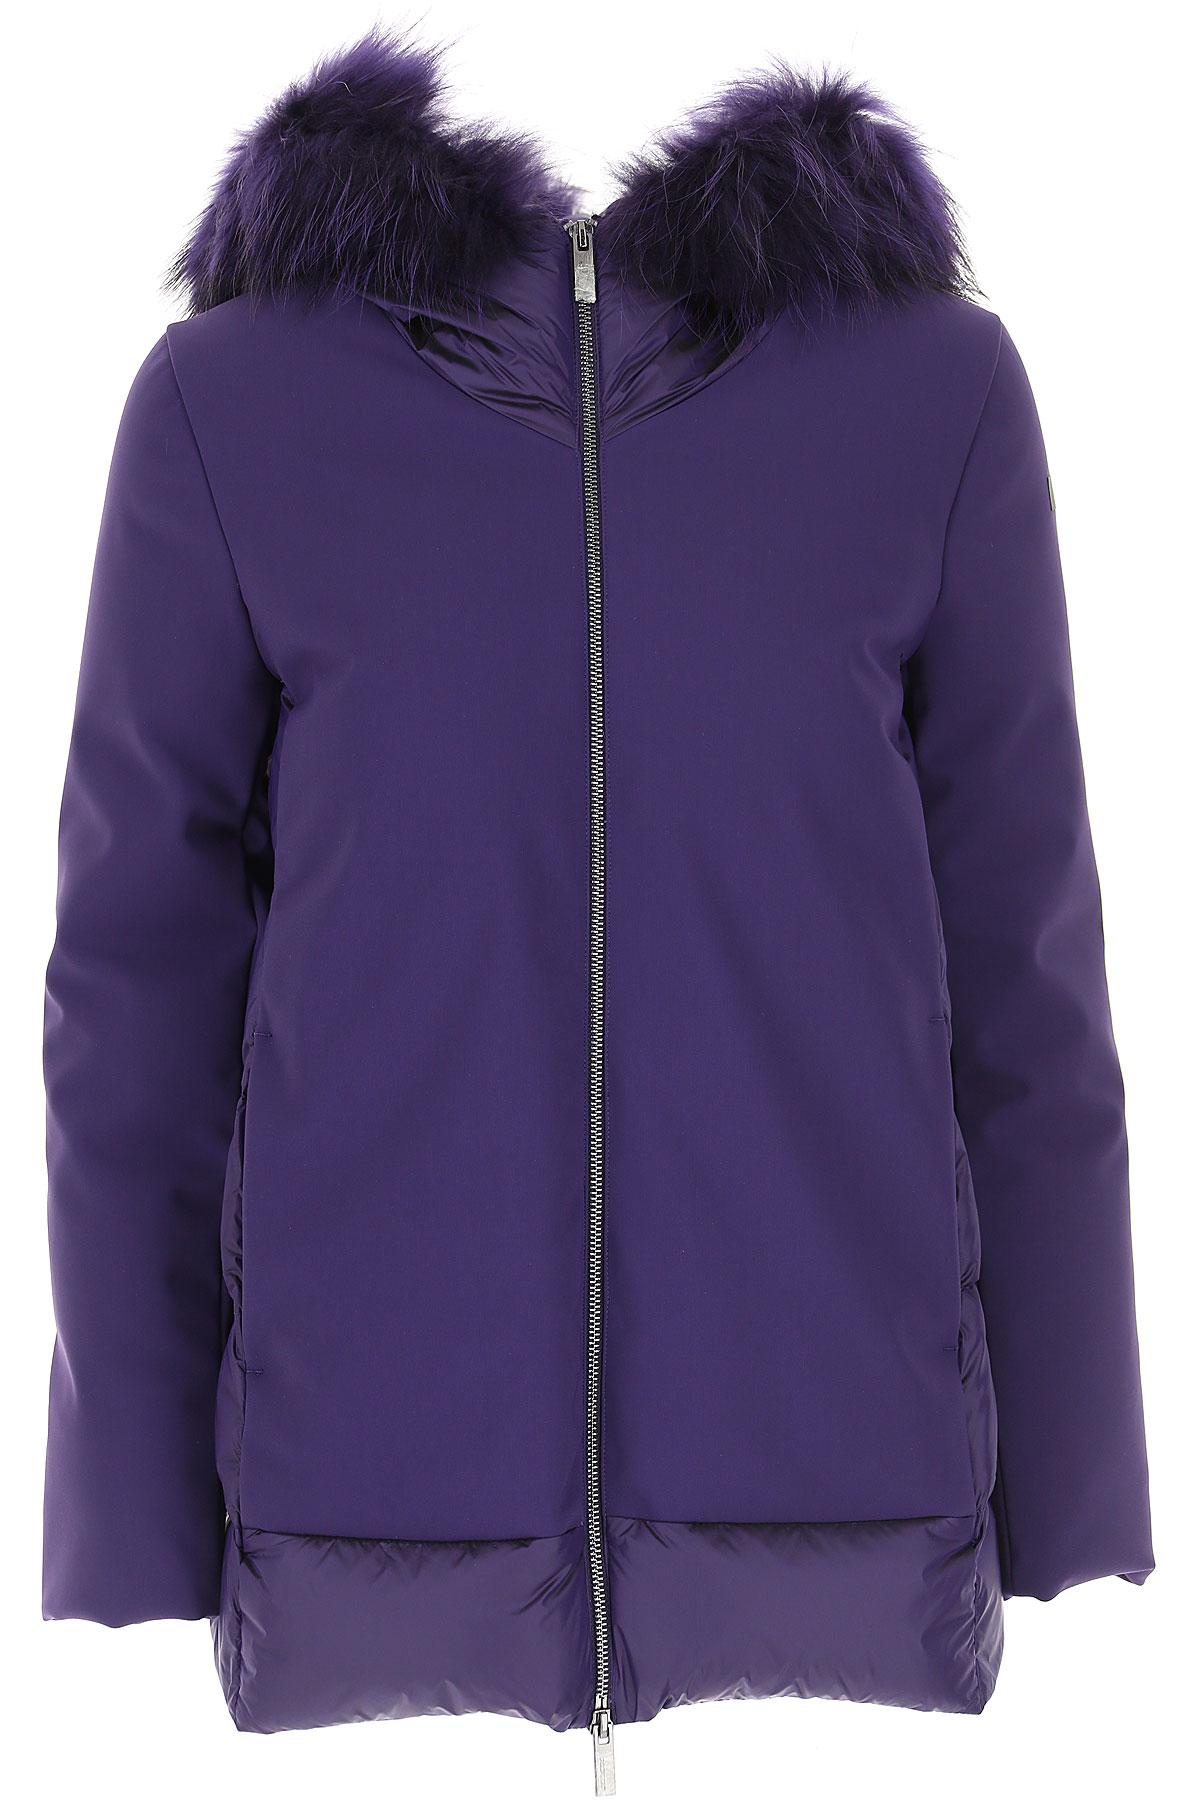 RRD Jacket for Women On Sale, Eggplant Violet, polyamide, 2019, 10 4 6 8